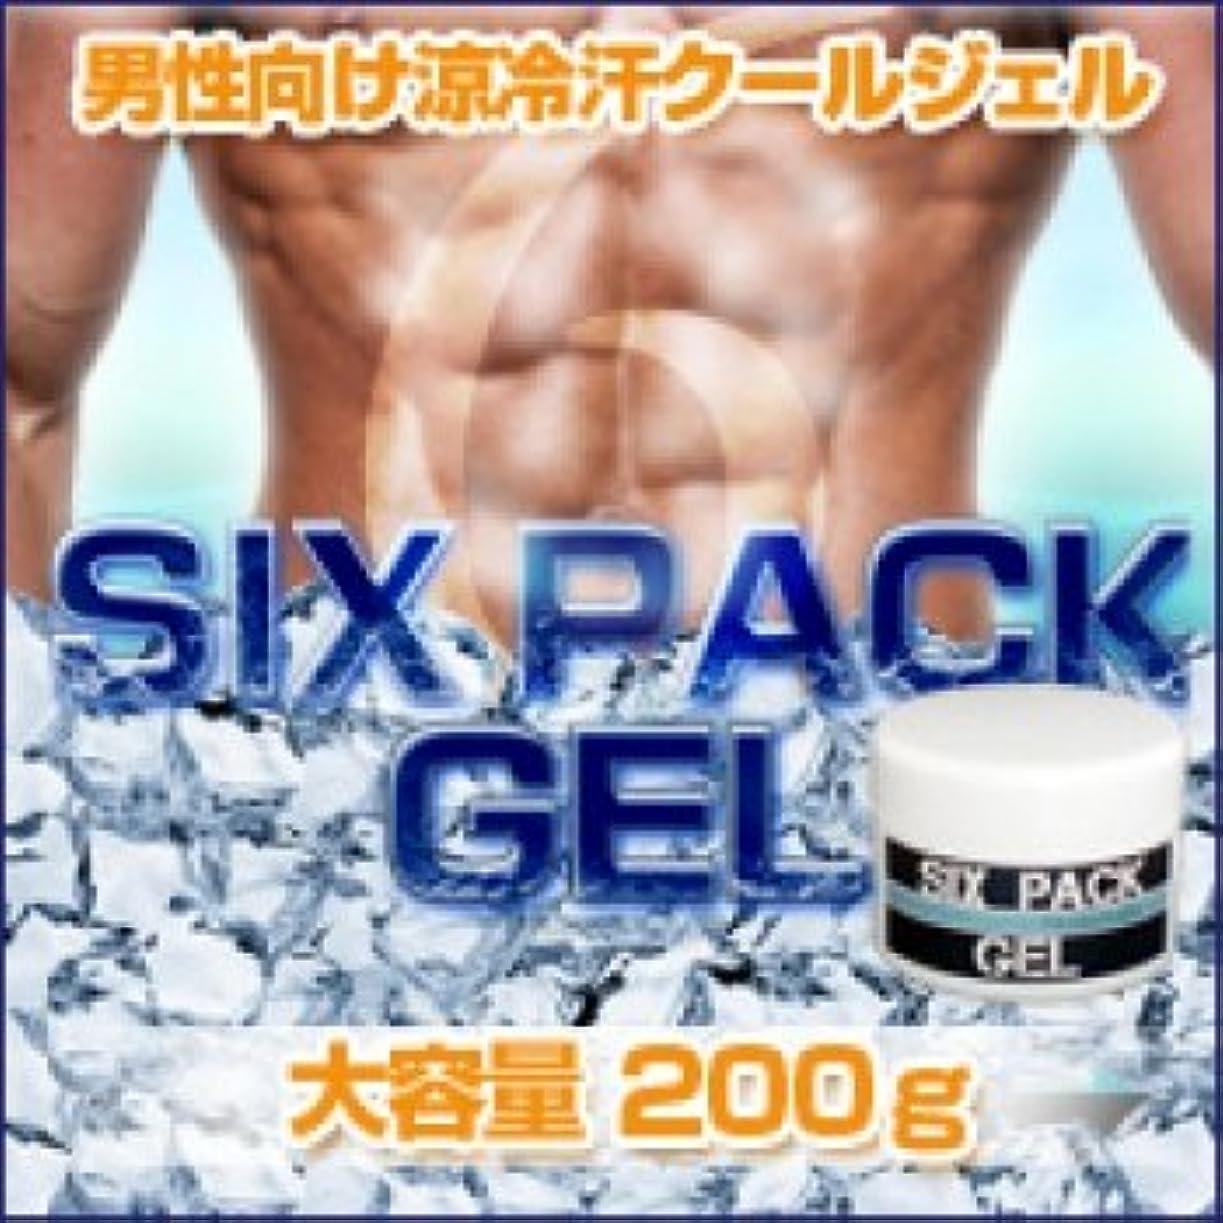 柔和できればオーストラリア人【SIX PACK GEL(シックスパックジェル)200g】